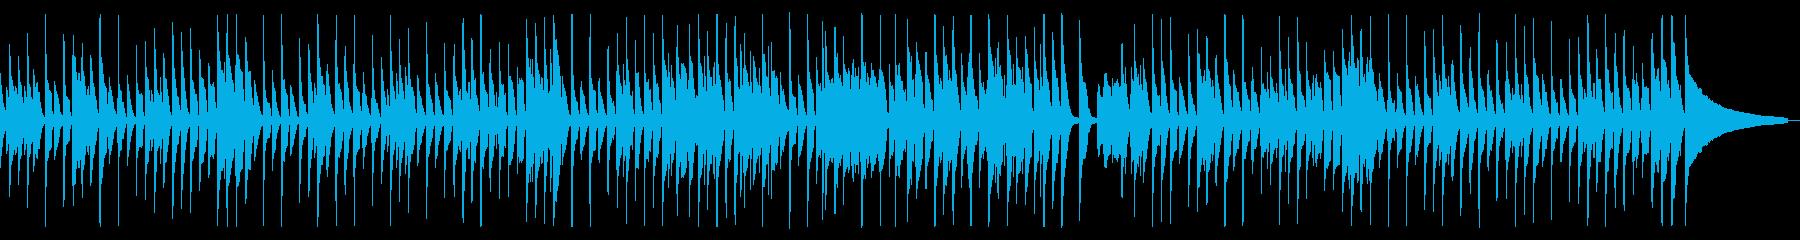 子猫が遊ぶ様子を描いた軽快なピアノバンドの再生済みの波形